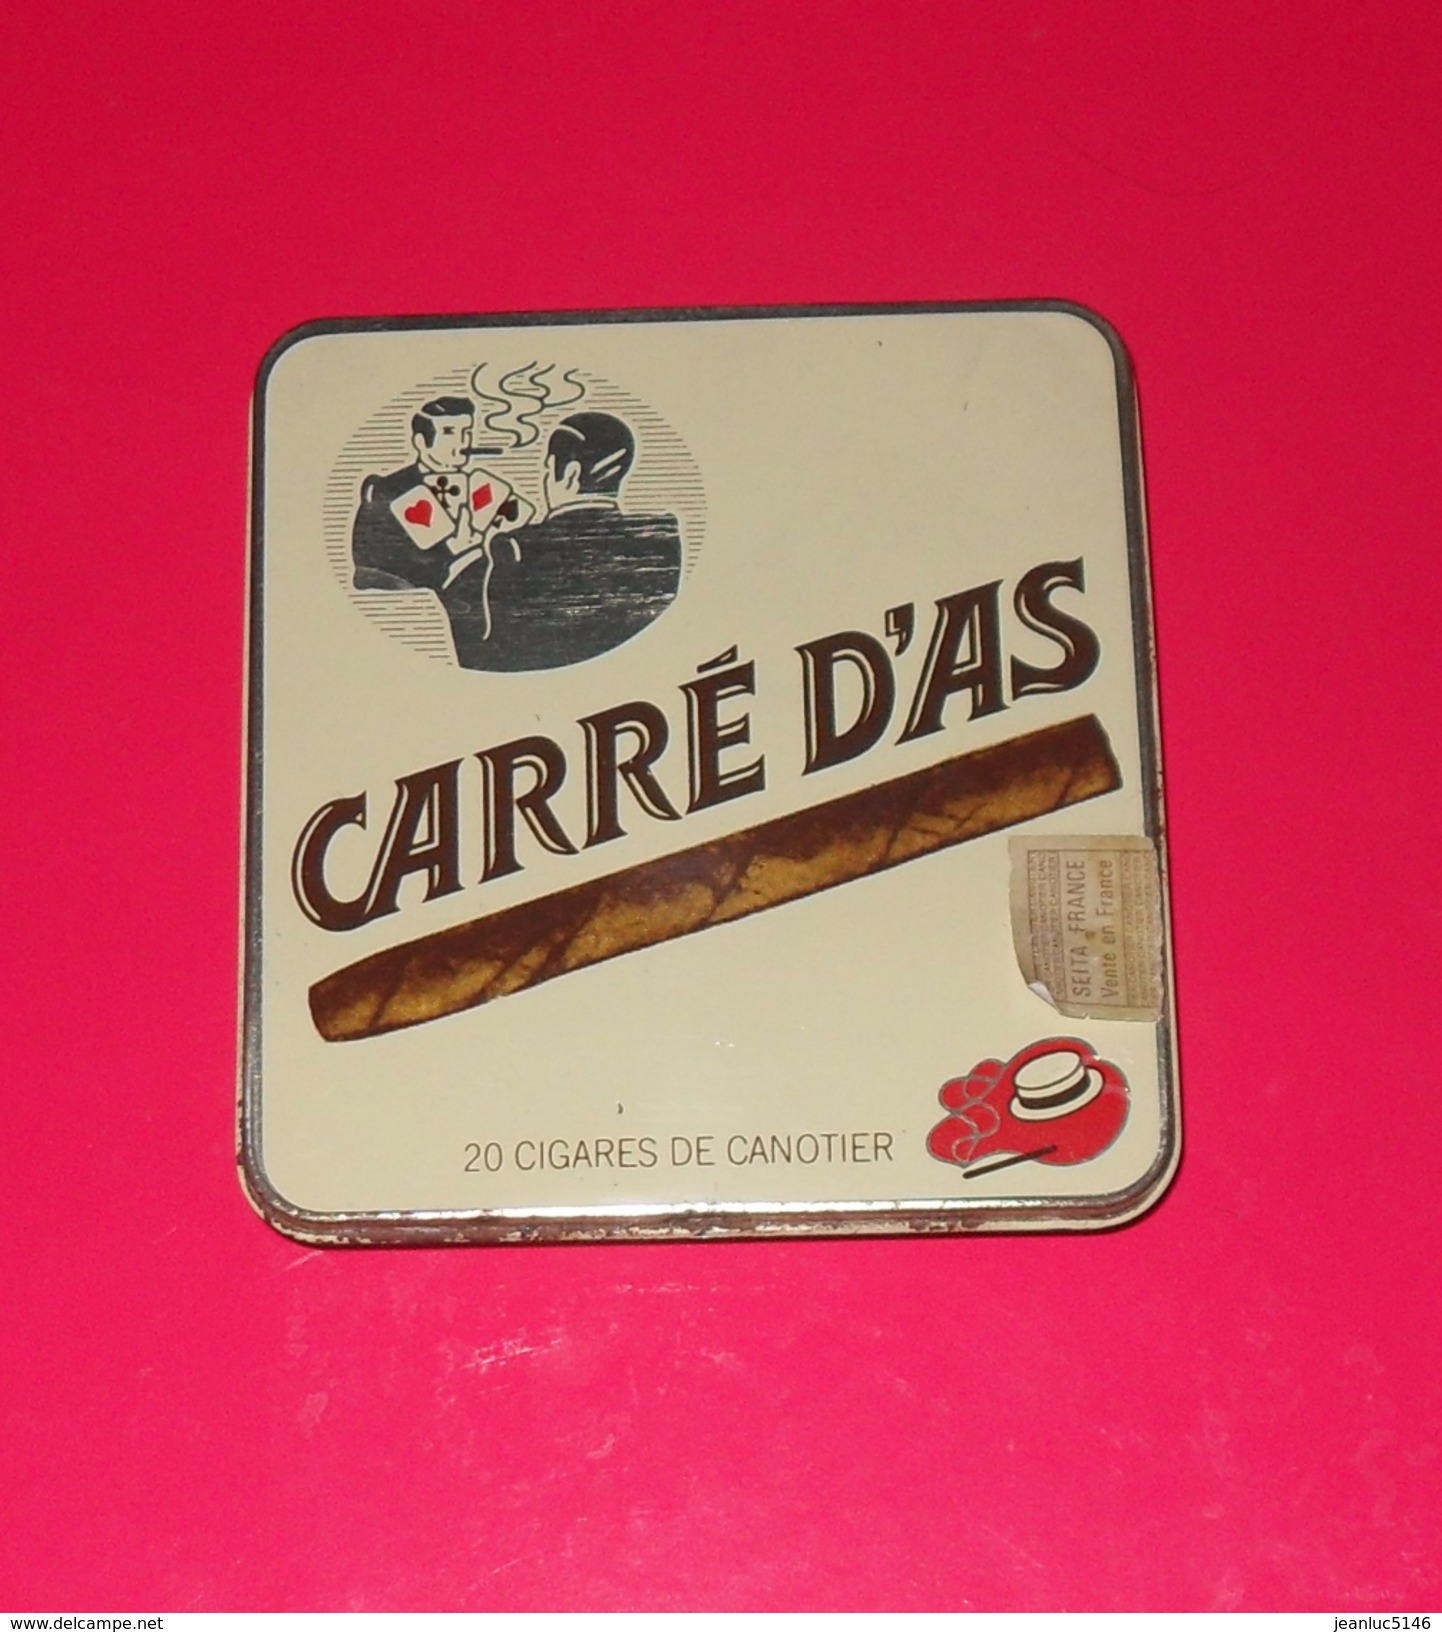 Boîte Métallique. Carré D'as. Cigares De Canotier, SEITA, Années 1960-1970. - Estuches Para Puros